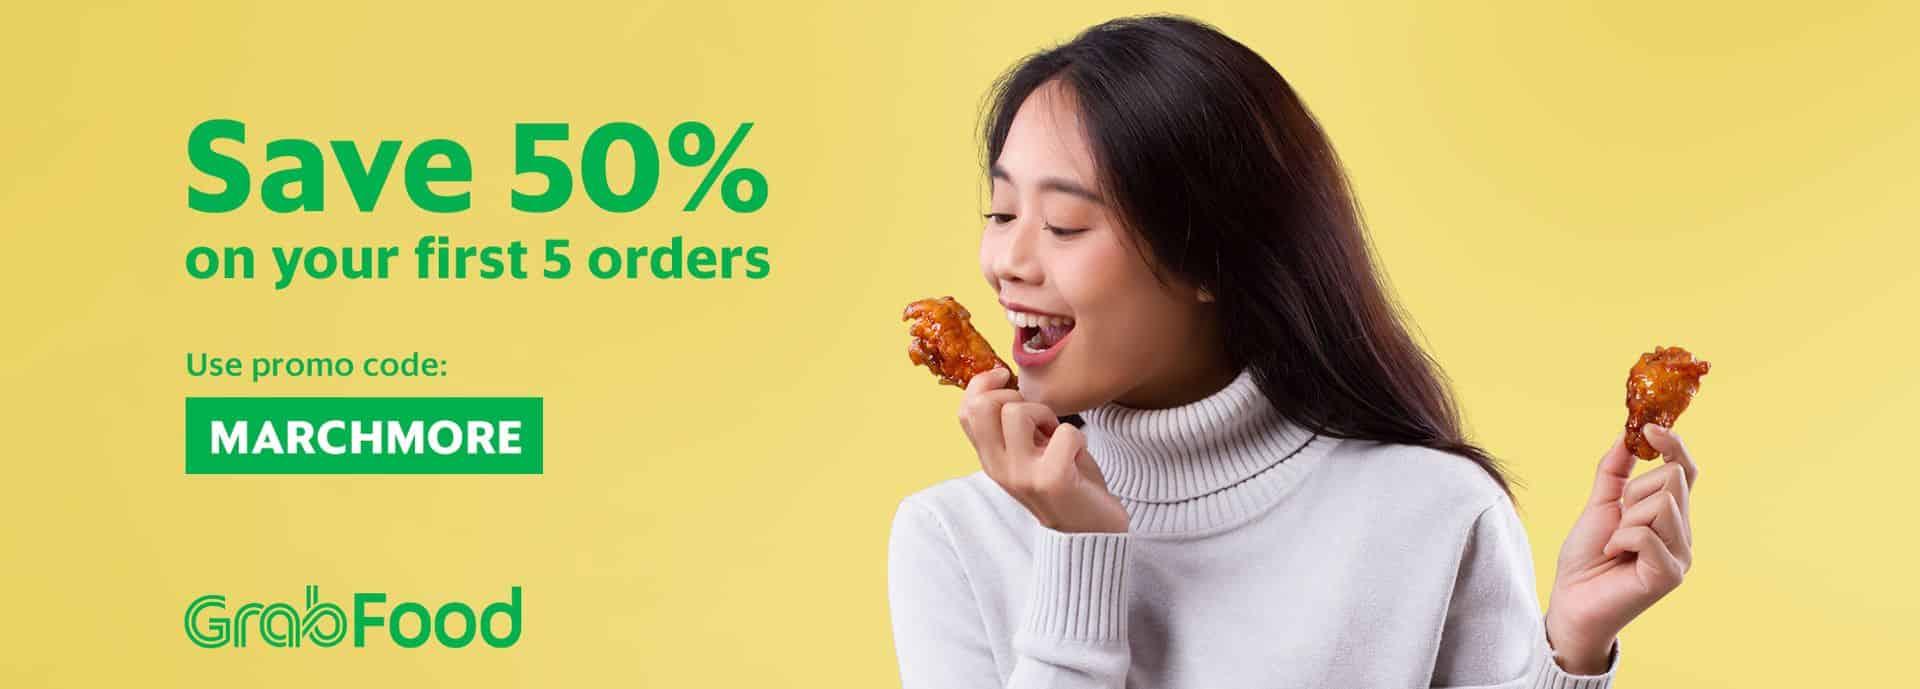 Enjoy 50% OFF first 5 orders on GrabFood | Grab MY